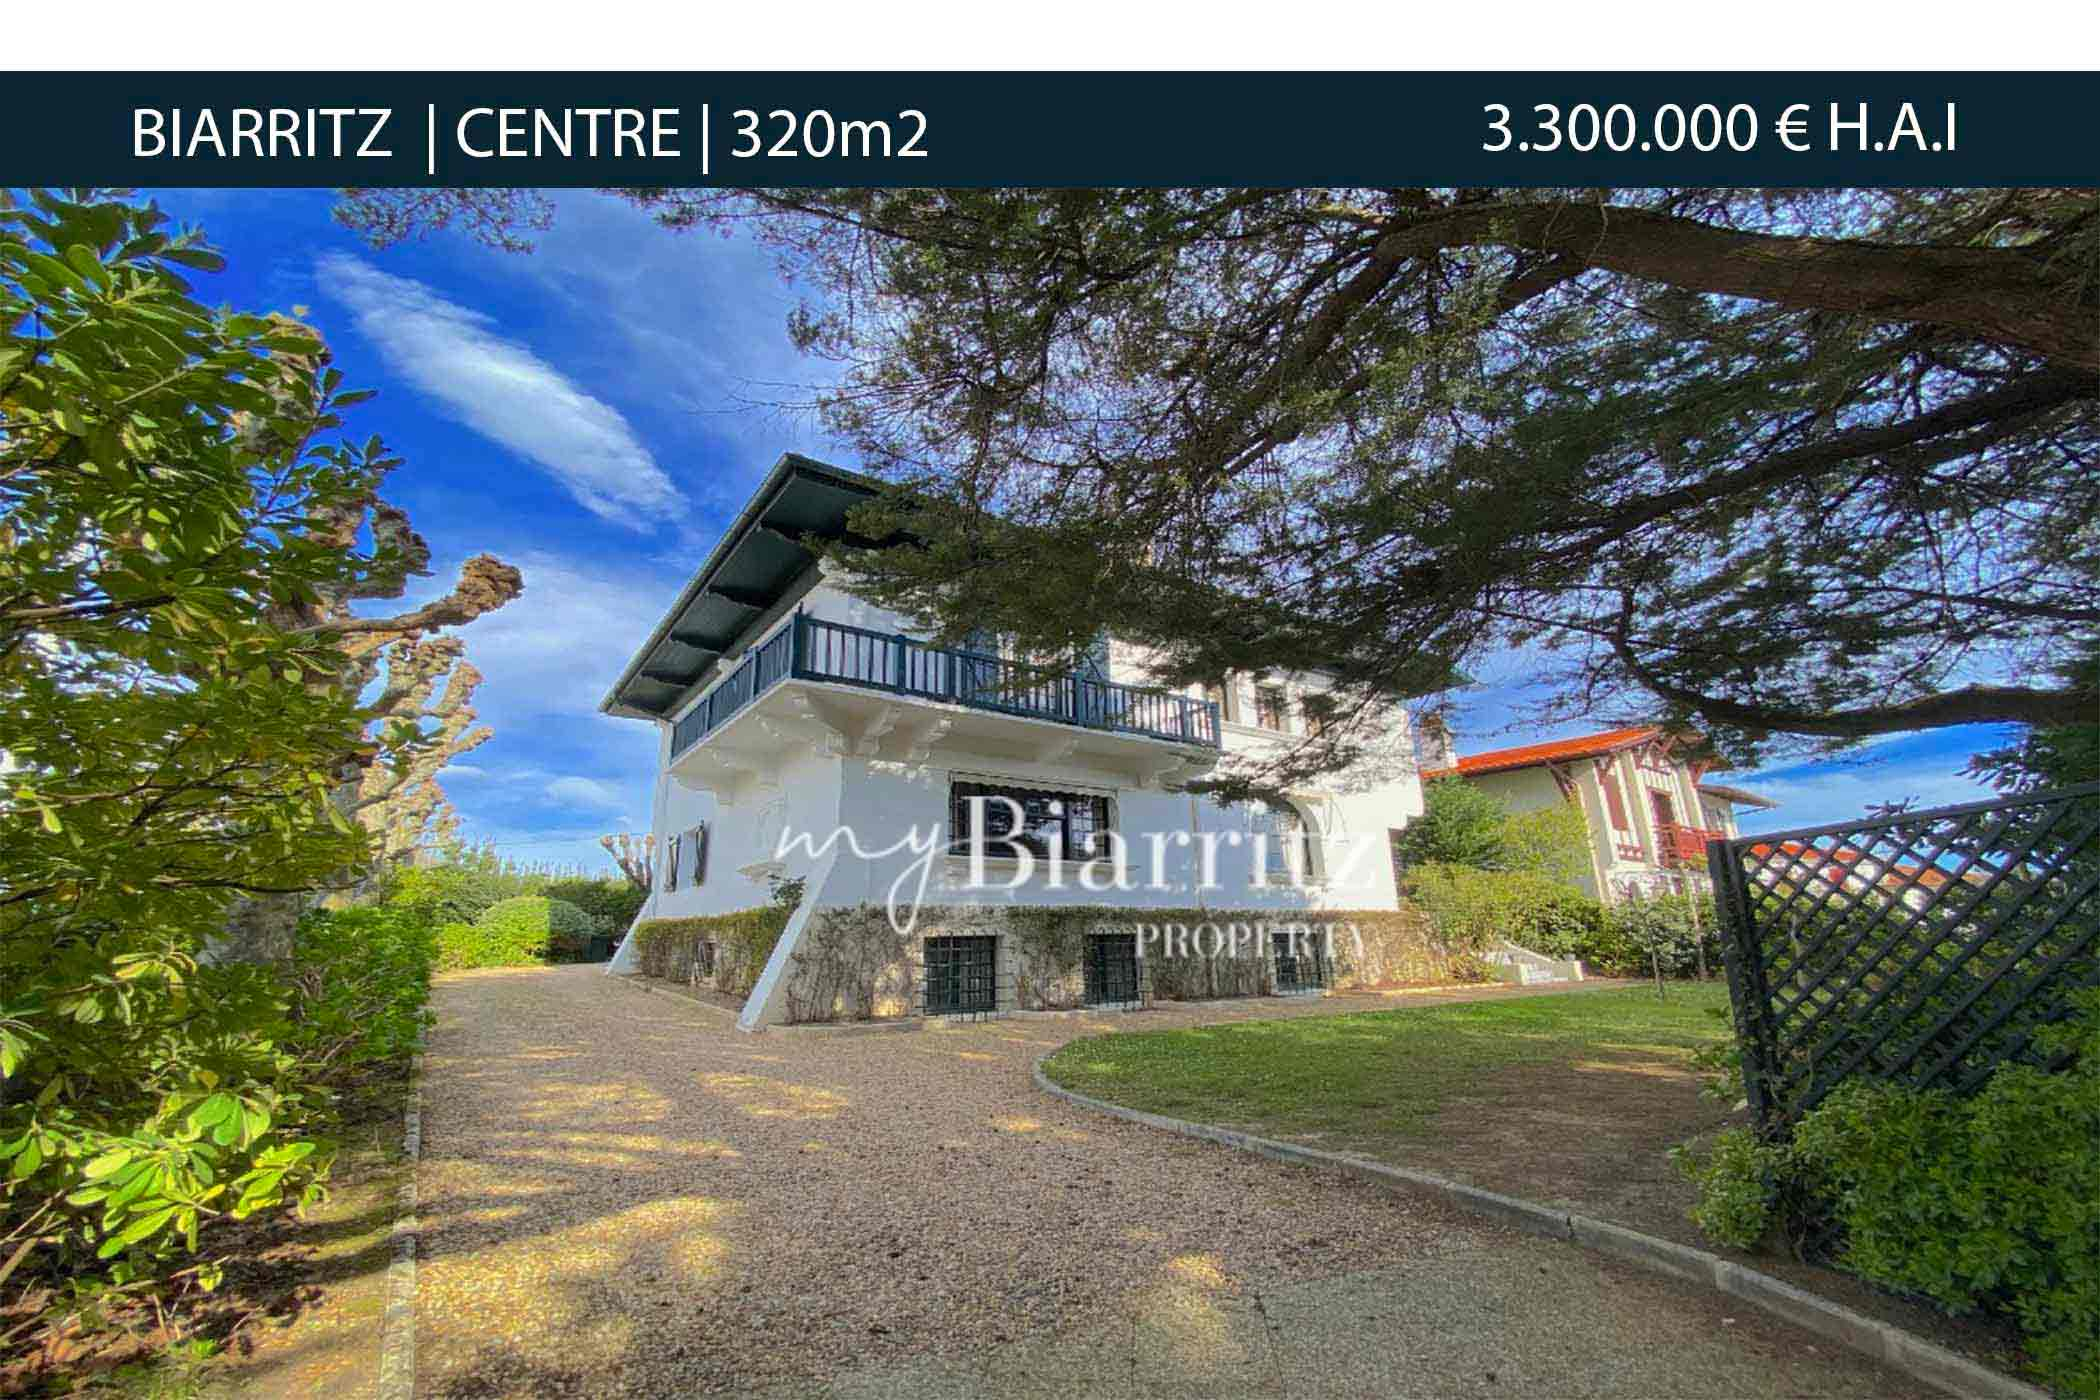 Biarritz-centre-confidentiel